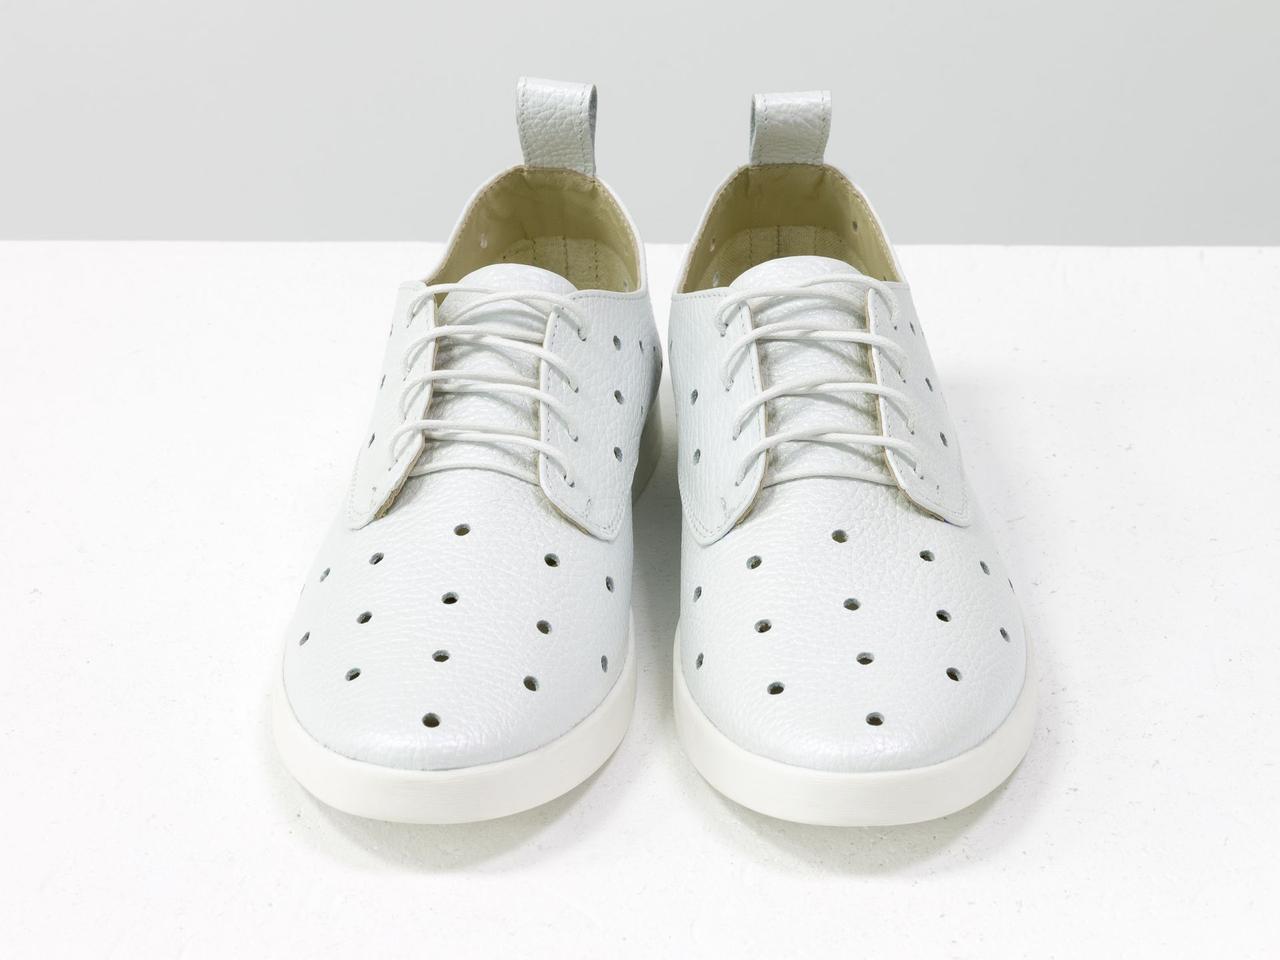 Легкие туфли из натуральной кожи белого цвета с перфорацией по всей поверхности 39 - фото 7